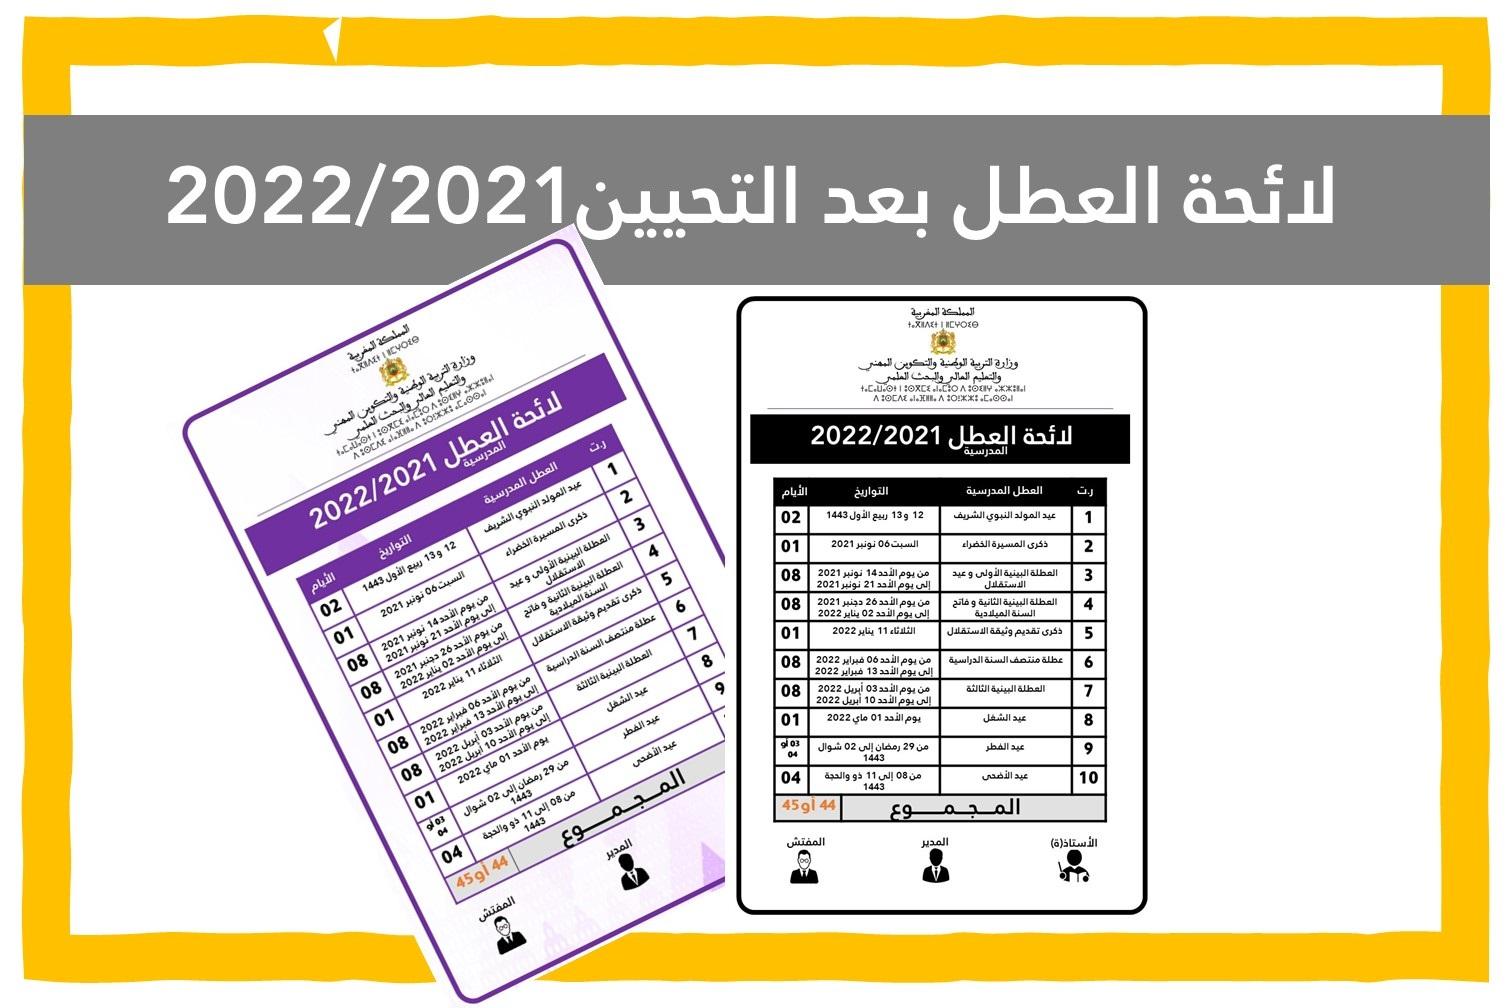 لائحة العطل المدرسية بالعربية بعد التحيين 2021/2022